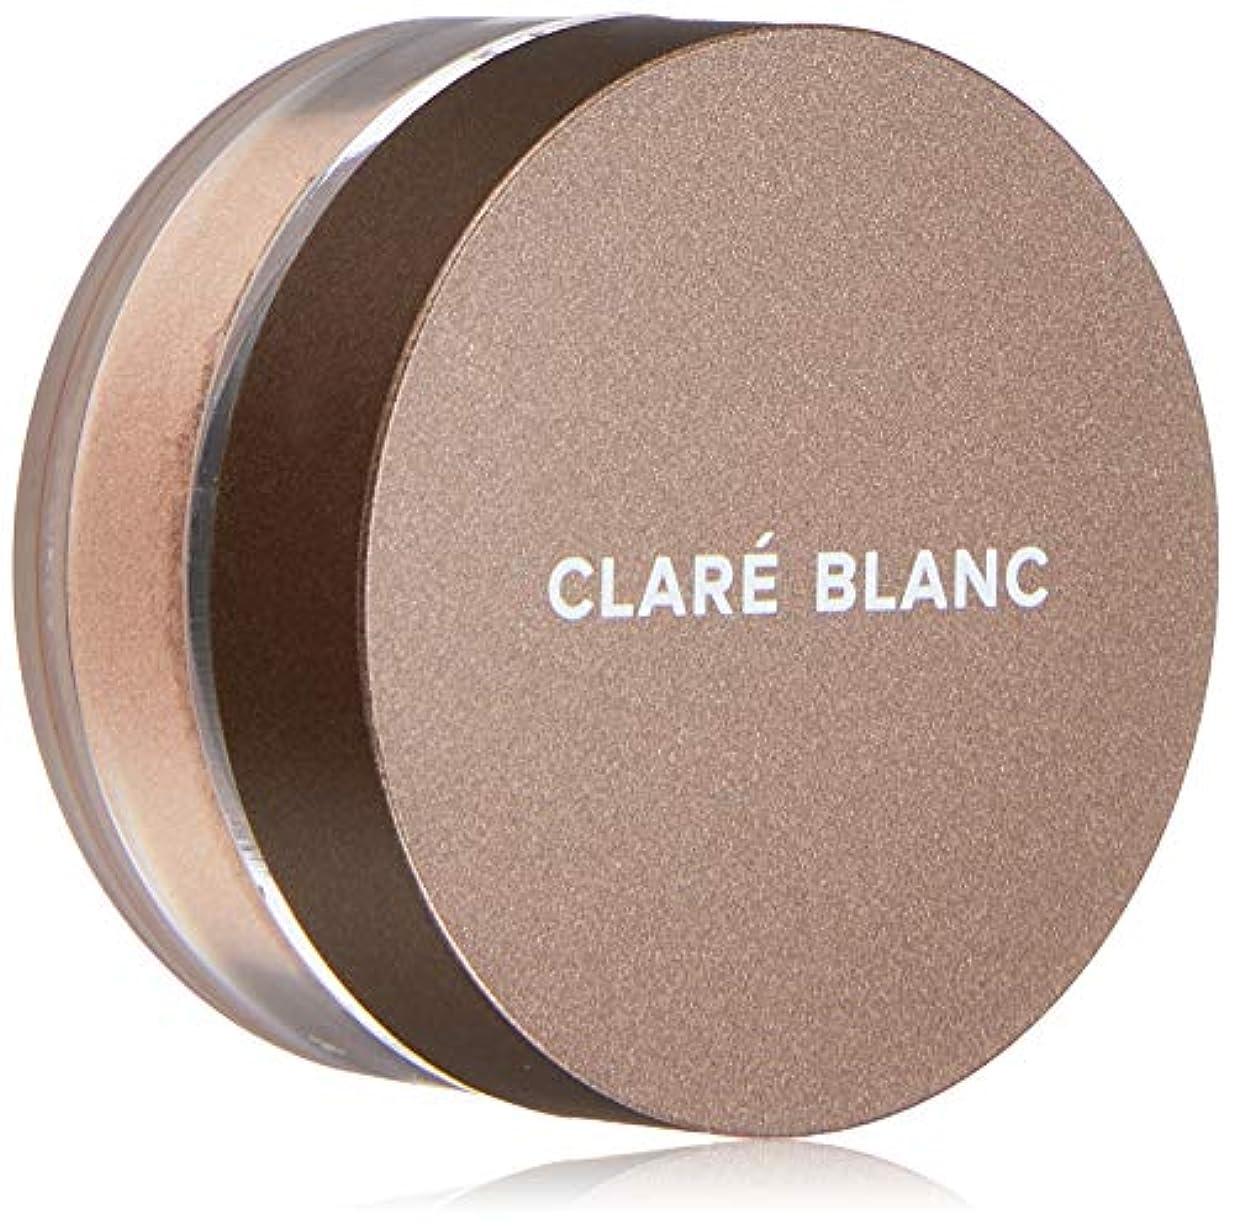 性格イースター後継CLARE BLANC(クラレブラン) ミネラルアイシャドウ 847 BARE